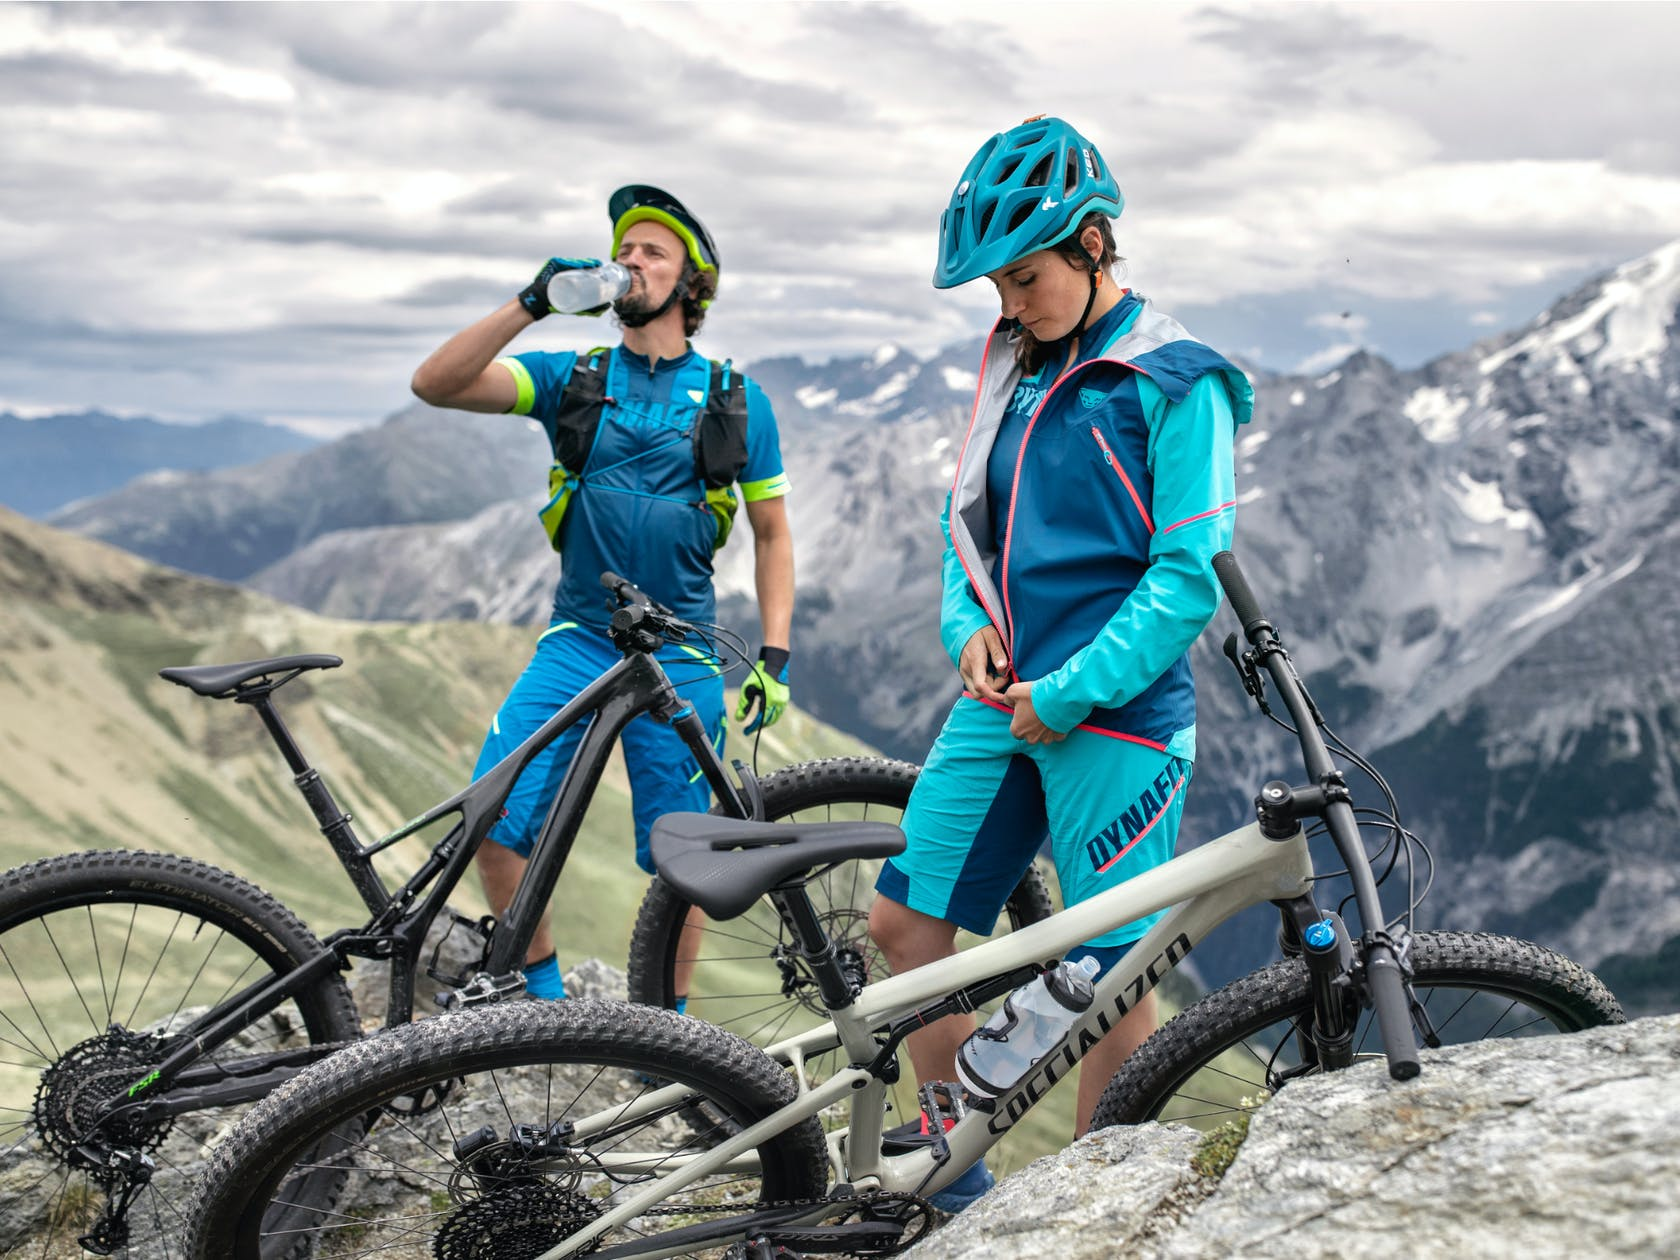 Dynafit Bekleidung Bike Onlineshop